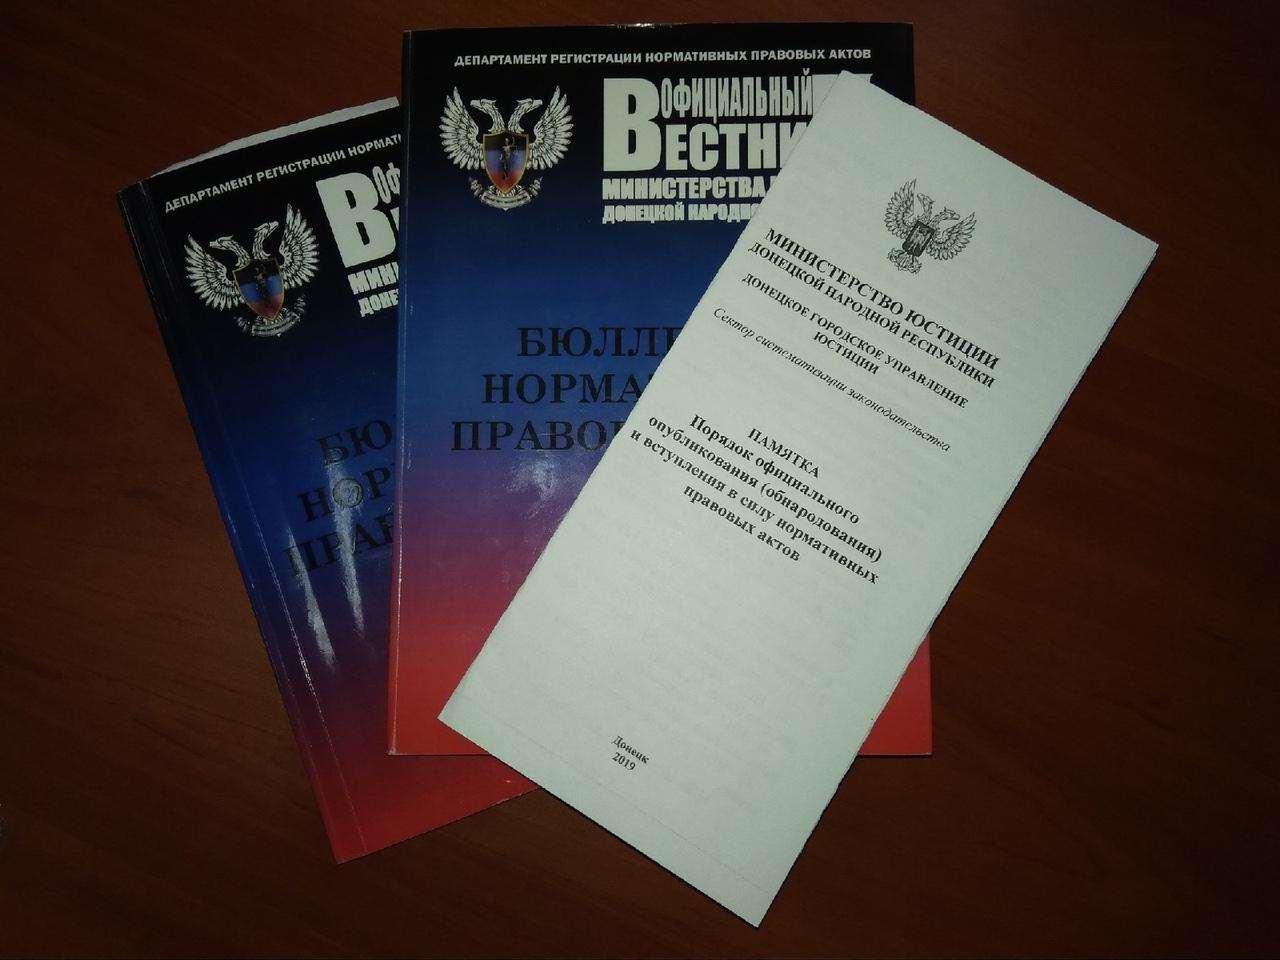 Донецкое городское управление юстиции сообщает о необходимости в официальном опубликовании нормативных правовых актов, прошедших государственную регистрацию в органах юстиции